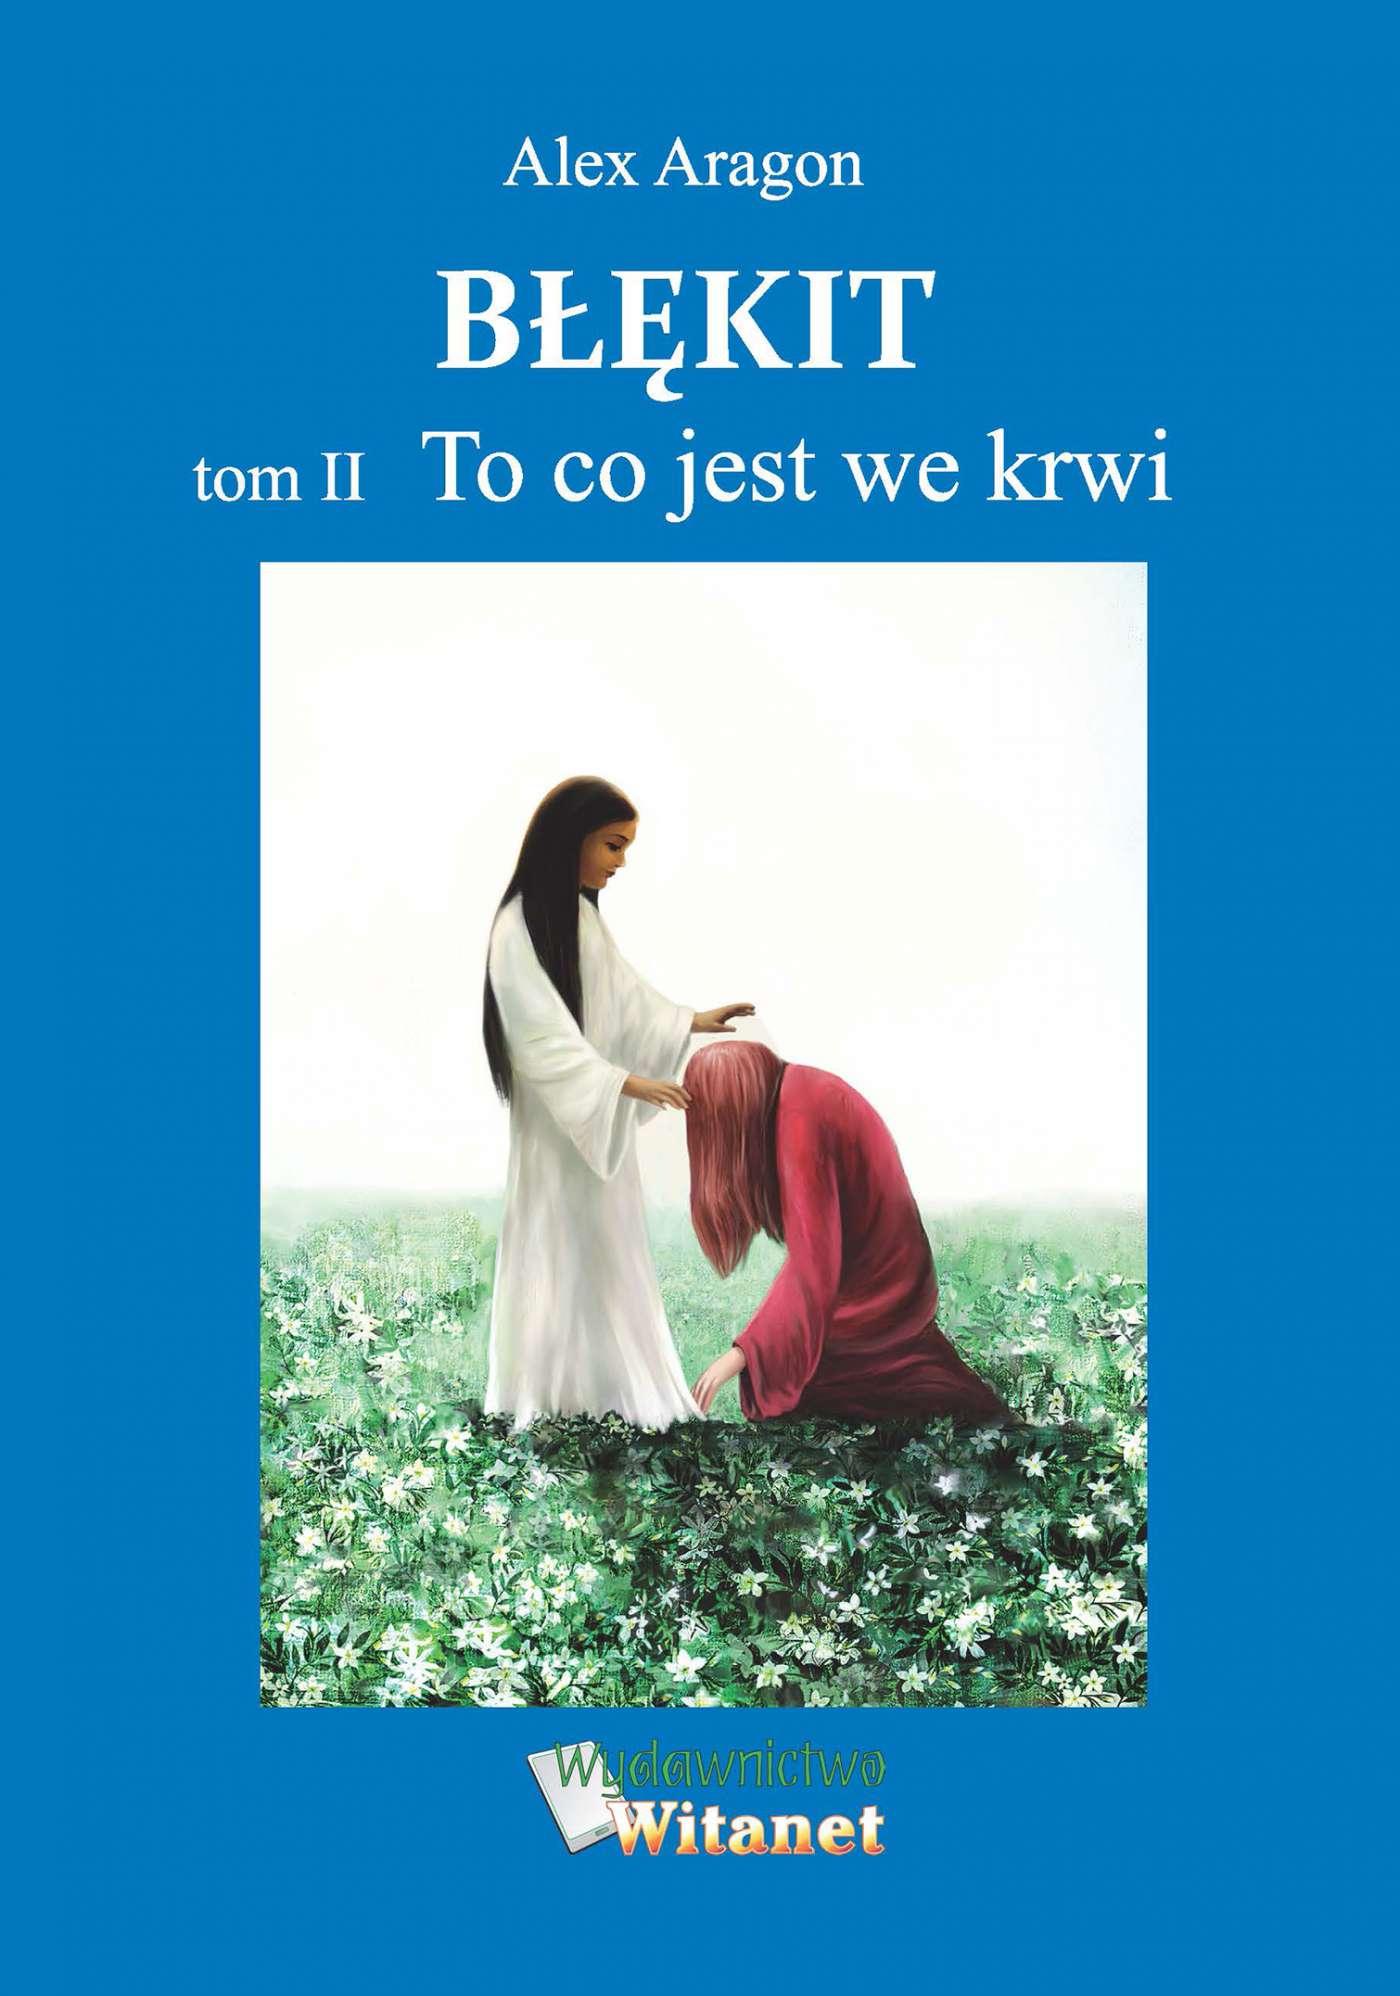 Błękit - tom II: To co jest we krwi - Ebook (Książka na Kindle) do pobrania w formacie MOBI